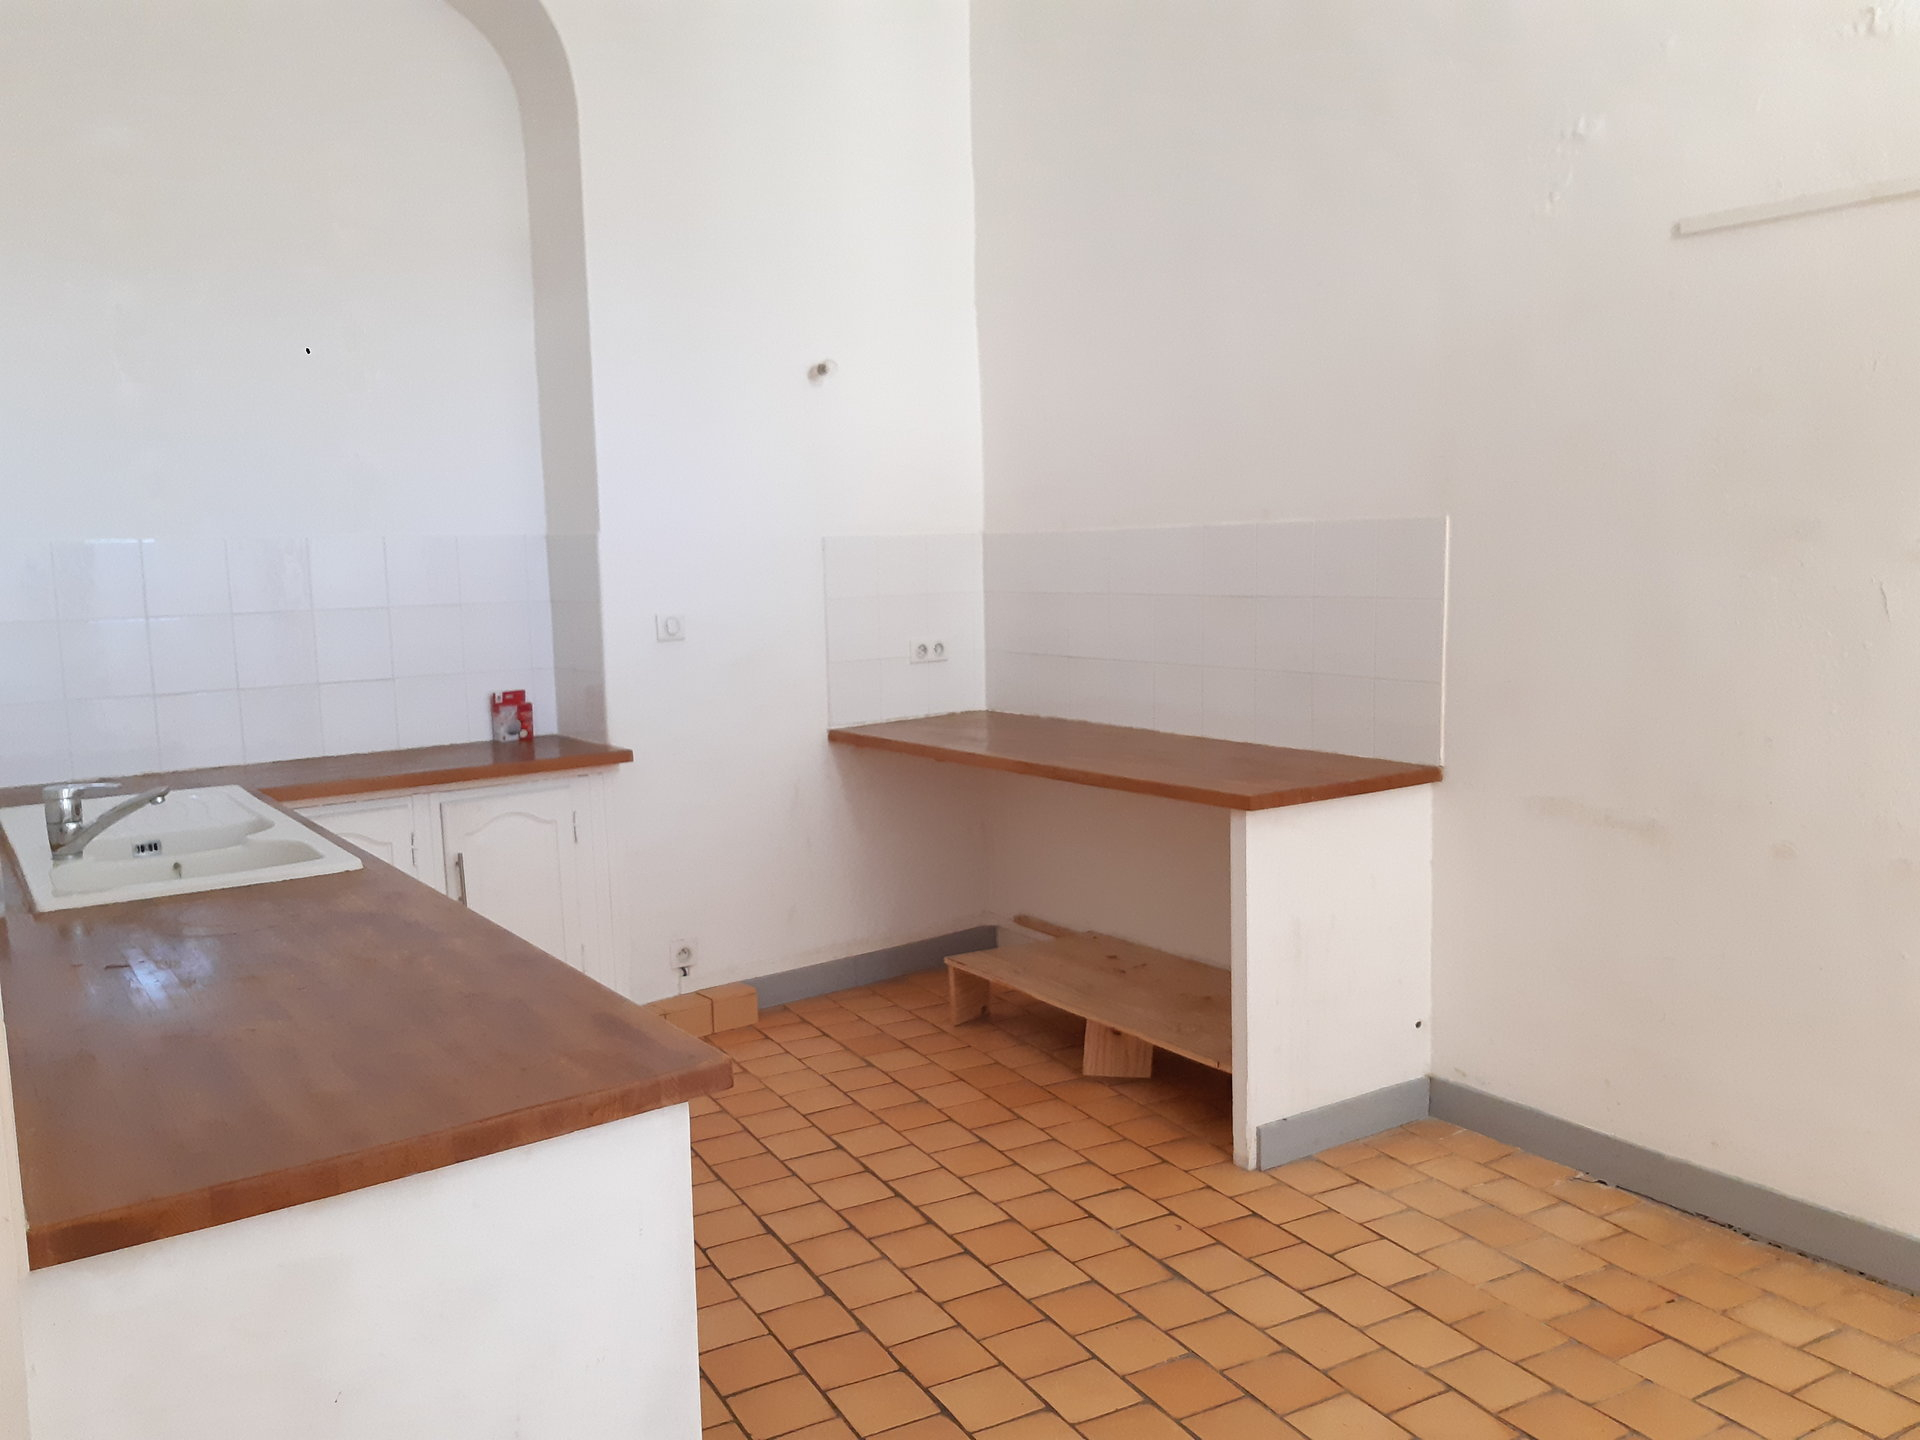 Location Appartement BEAUCAIRE surface habitable de 150 m²